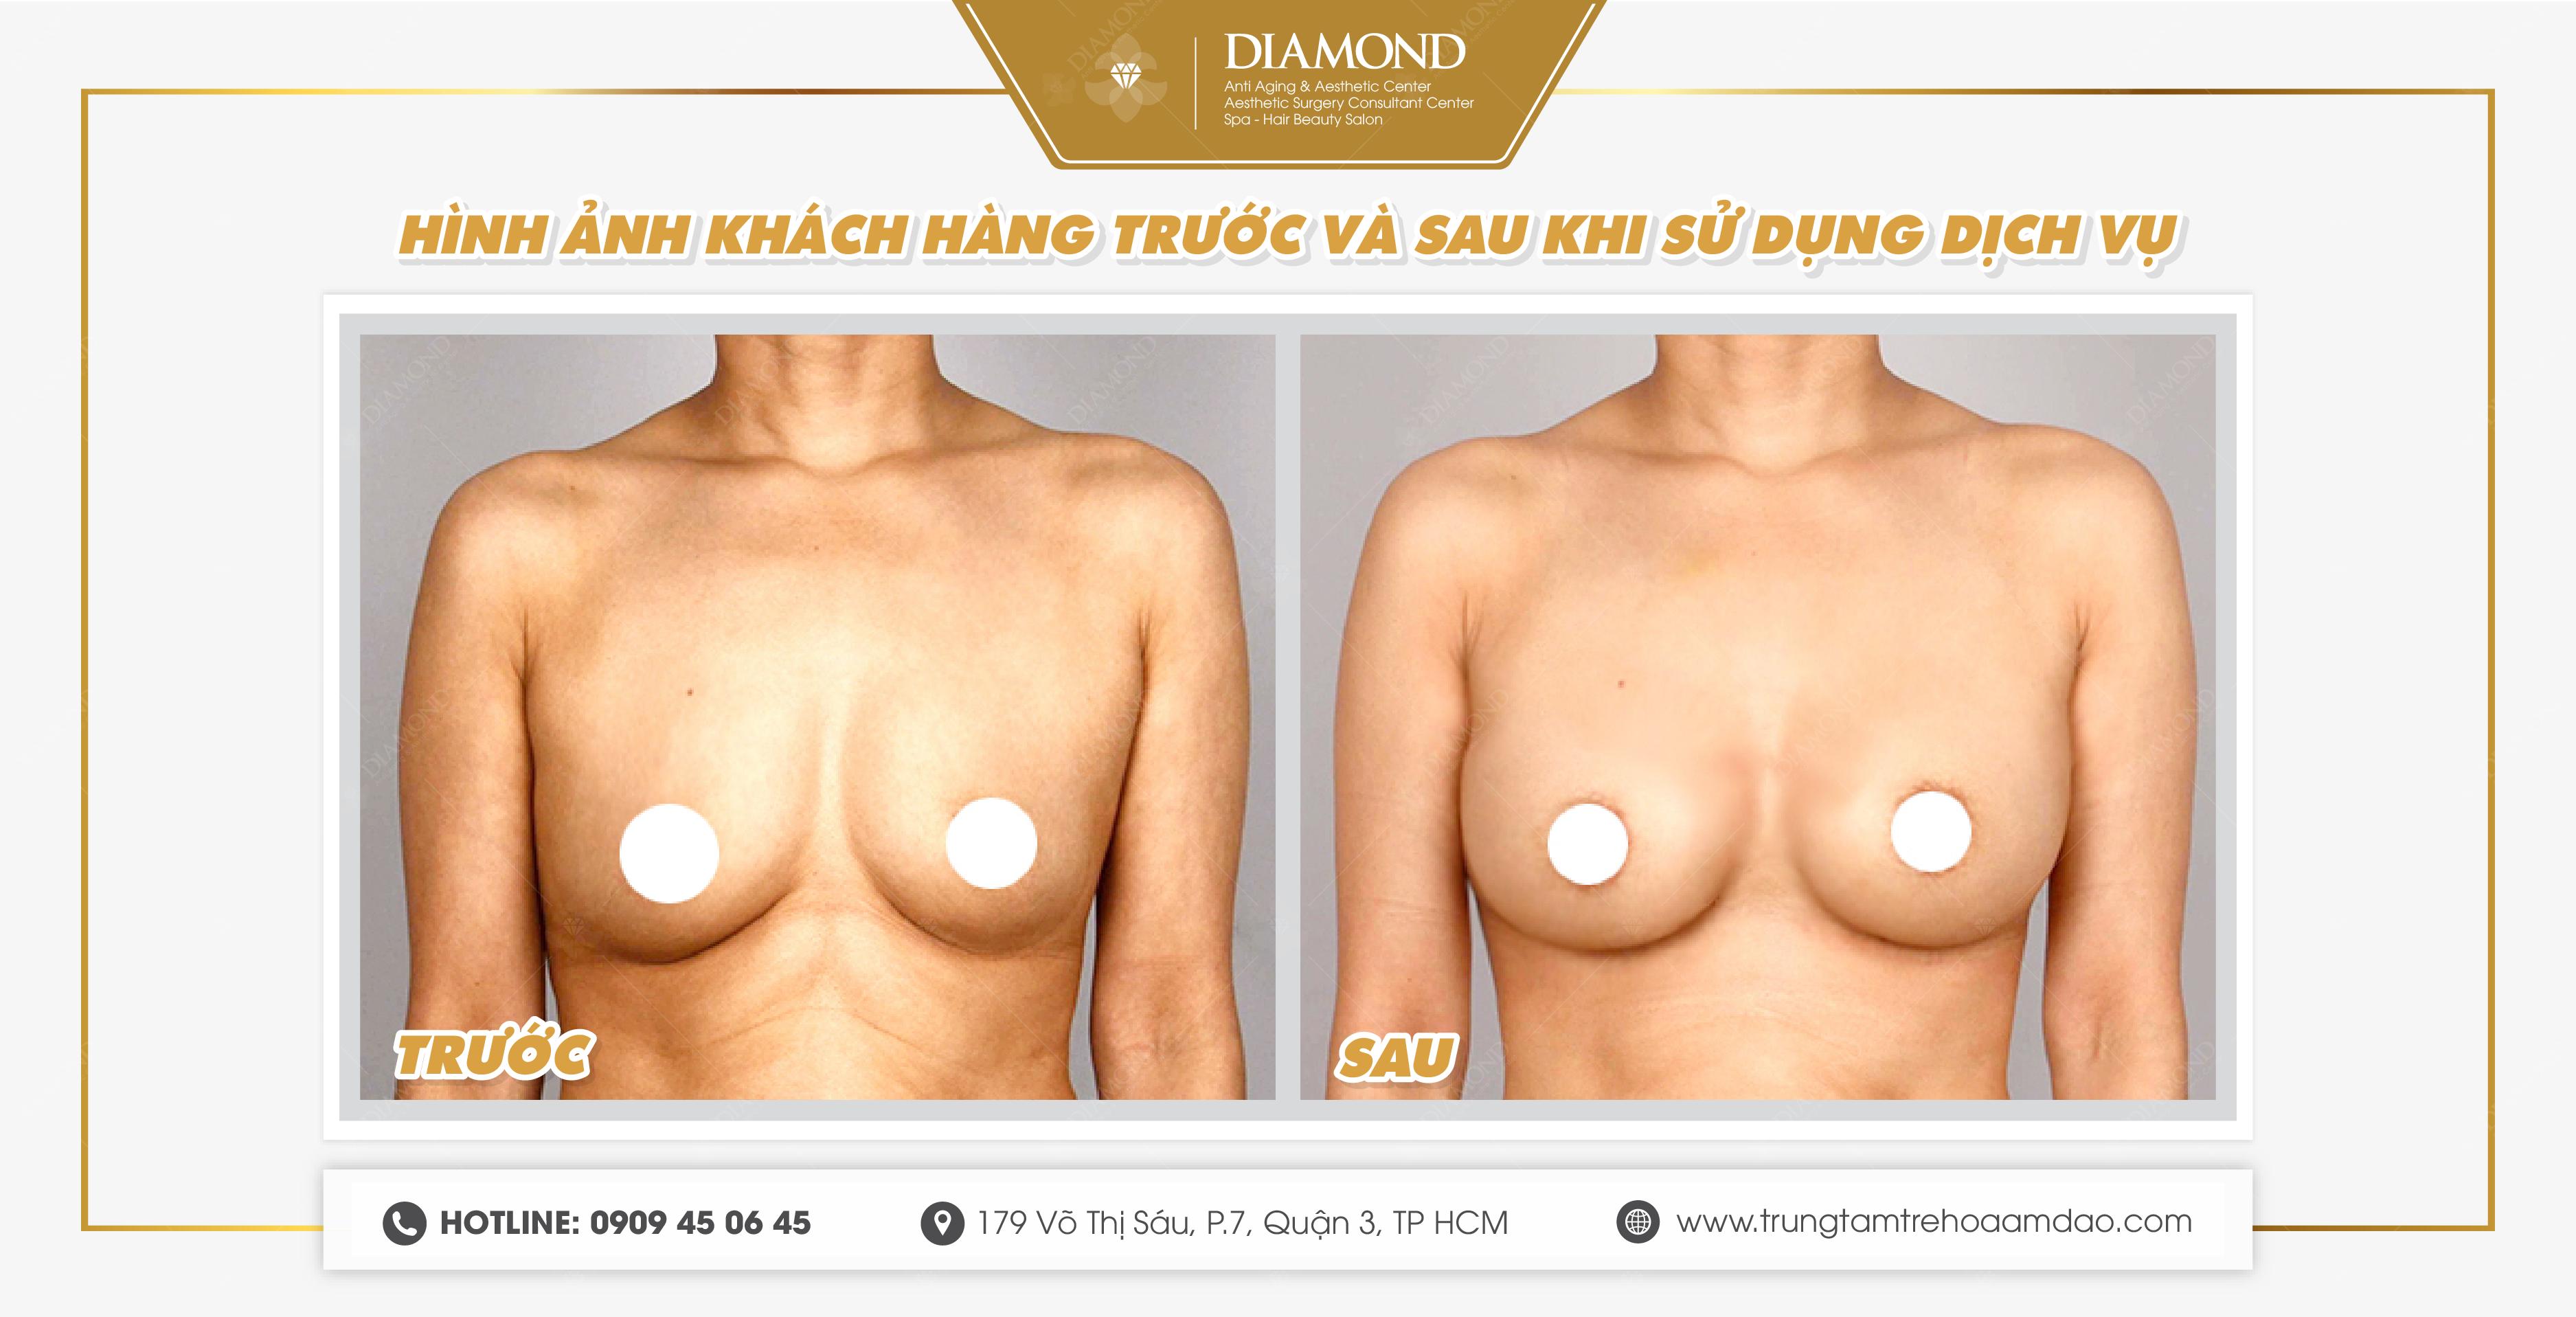 Hình ảnh trước và sau khi phẫu thuật treo vú